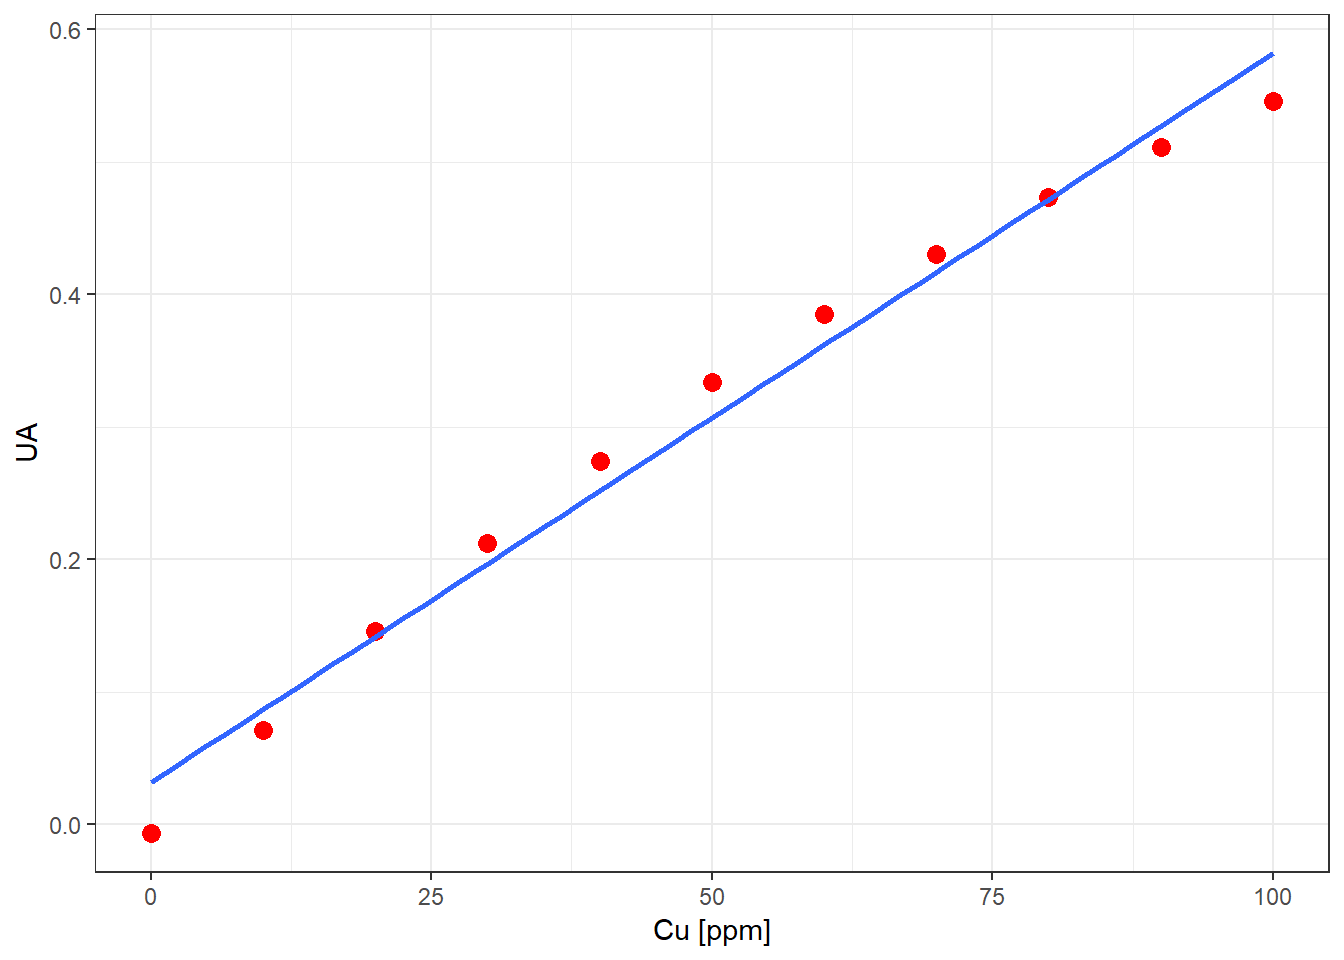 Curva de calibración Cu